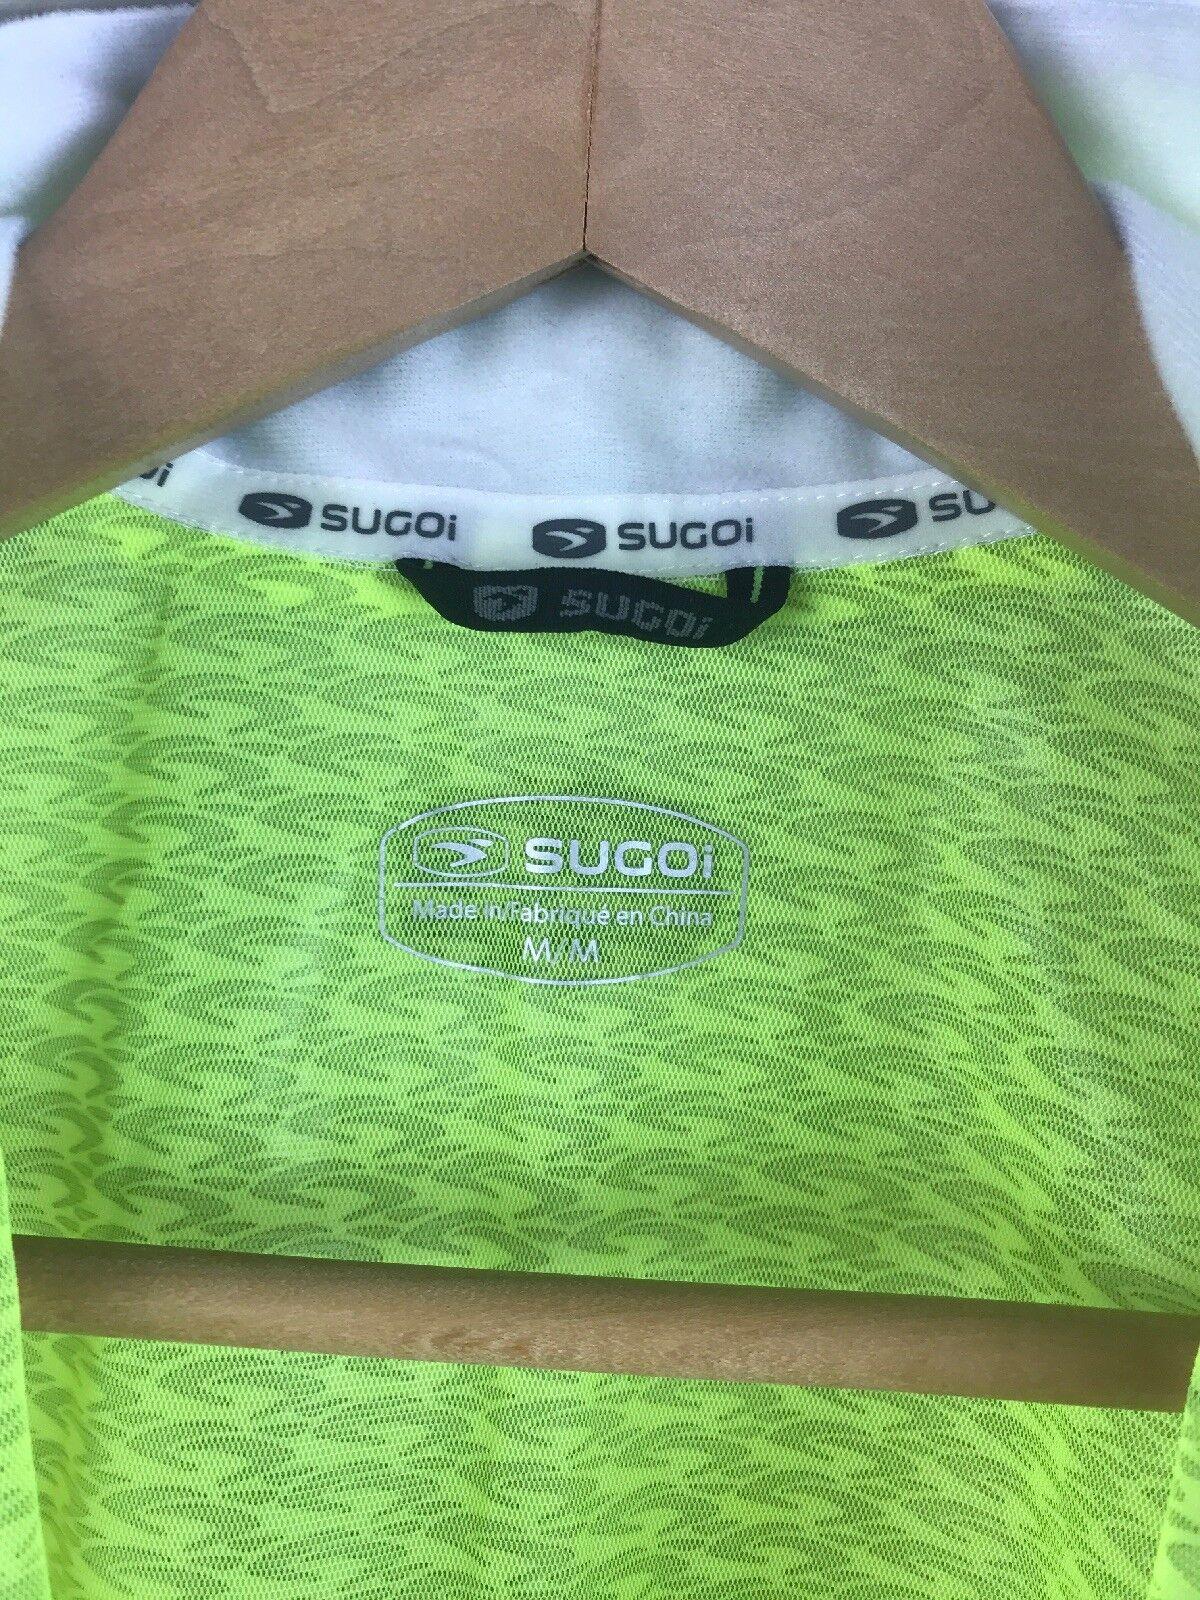 NWOT Sugoi HydroLite Jacket Neon Gelb High Vis Breathable Hood Zip Herren MED